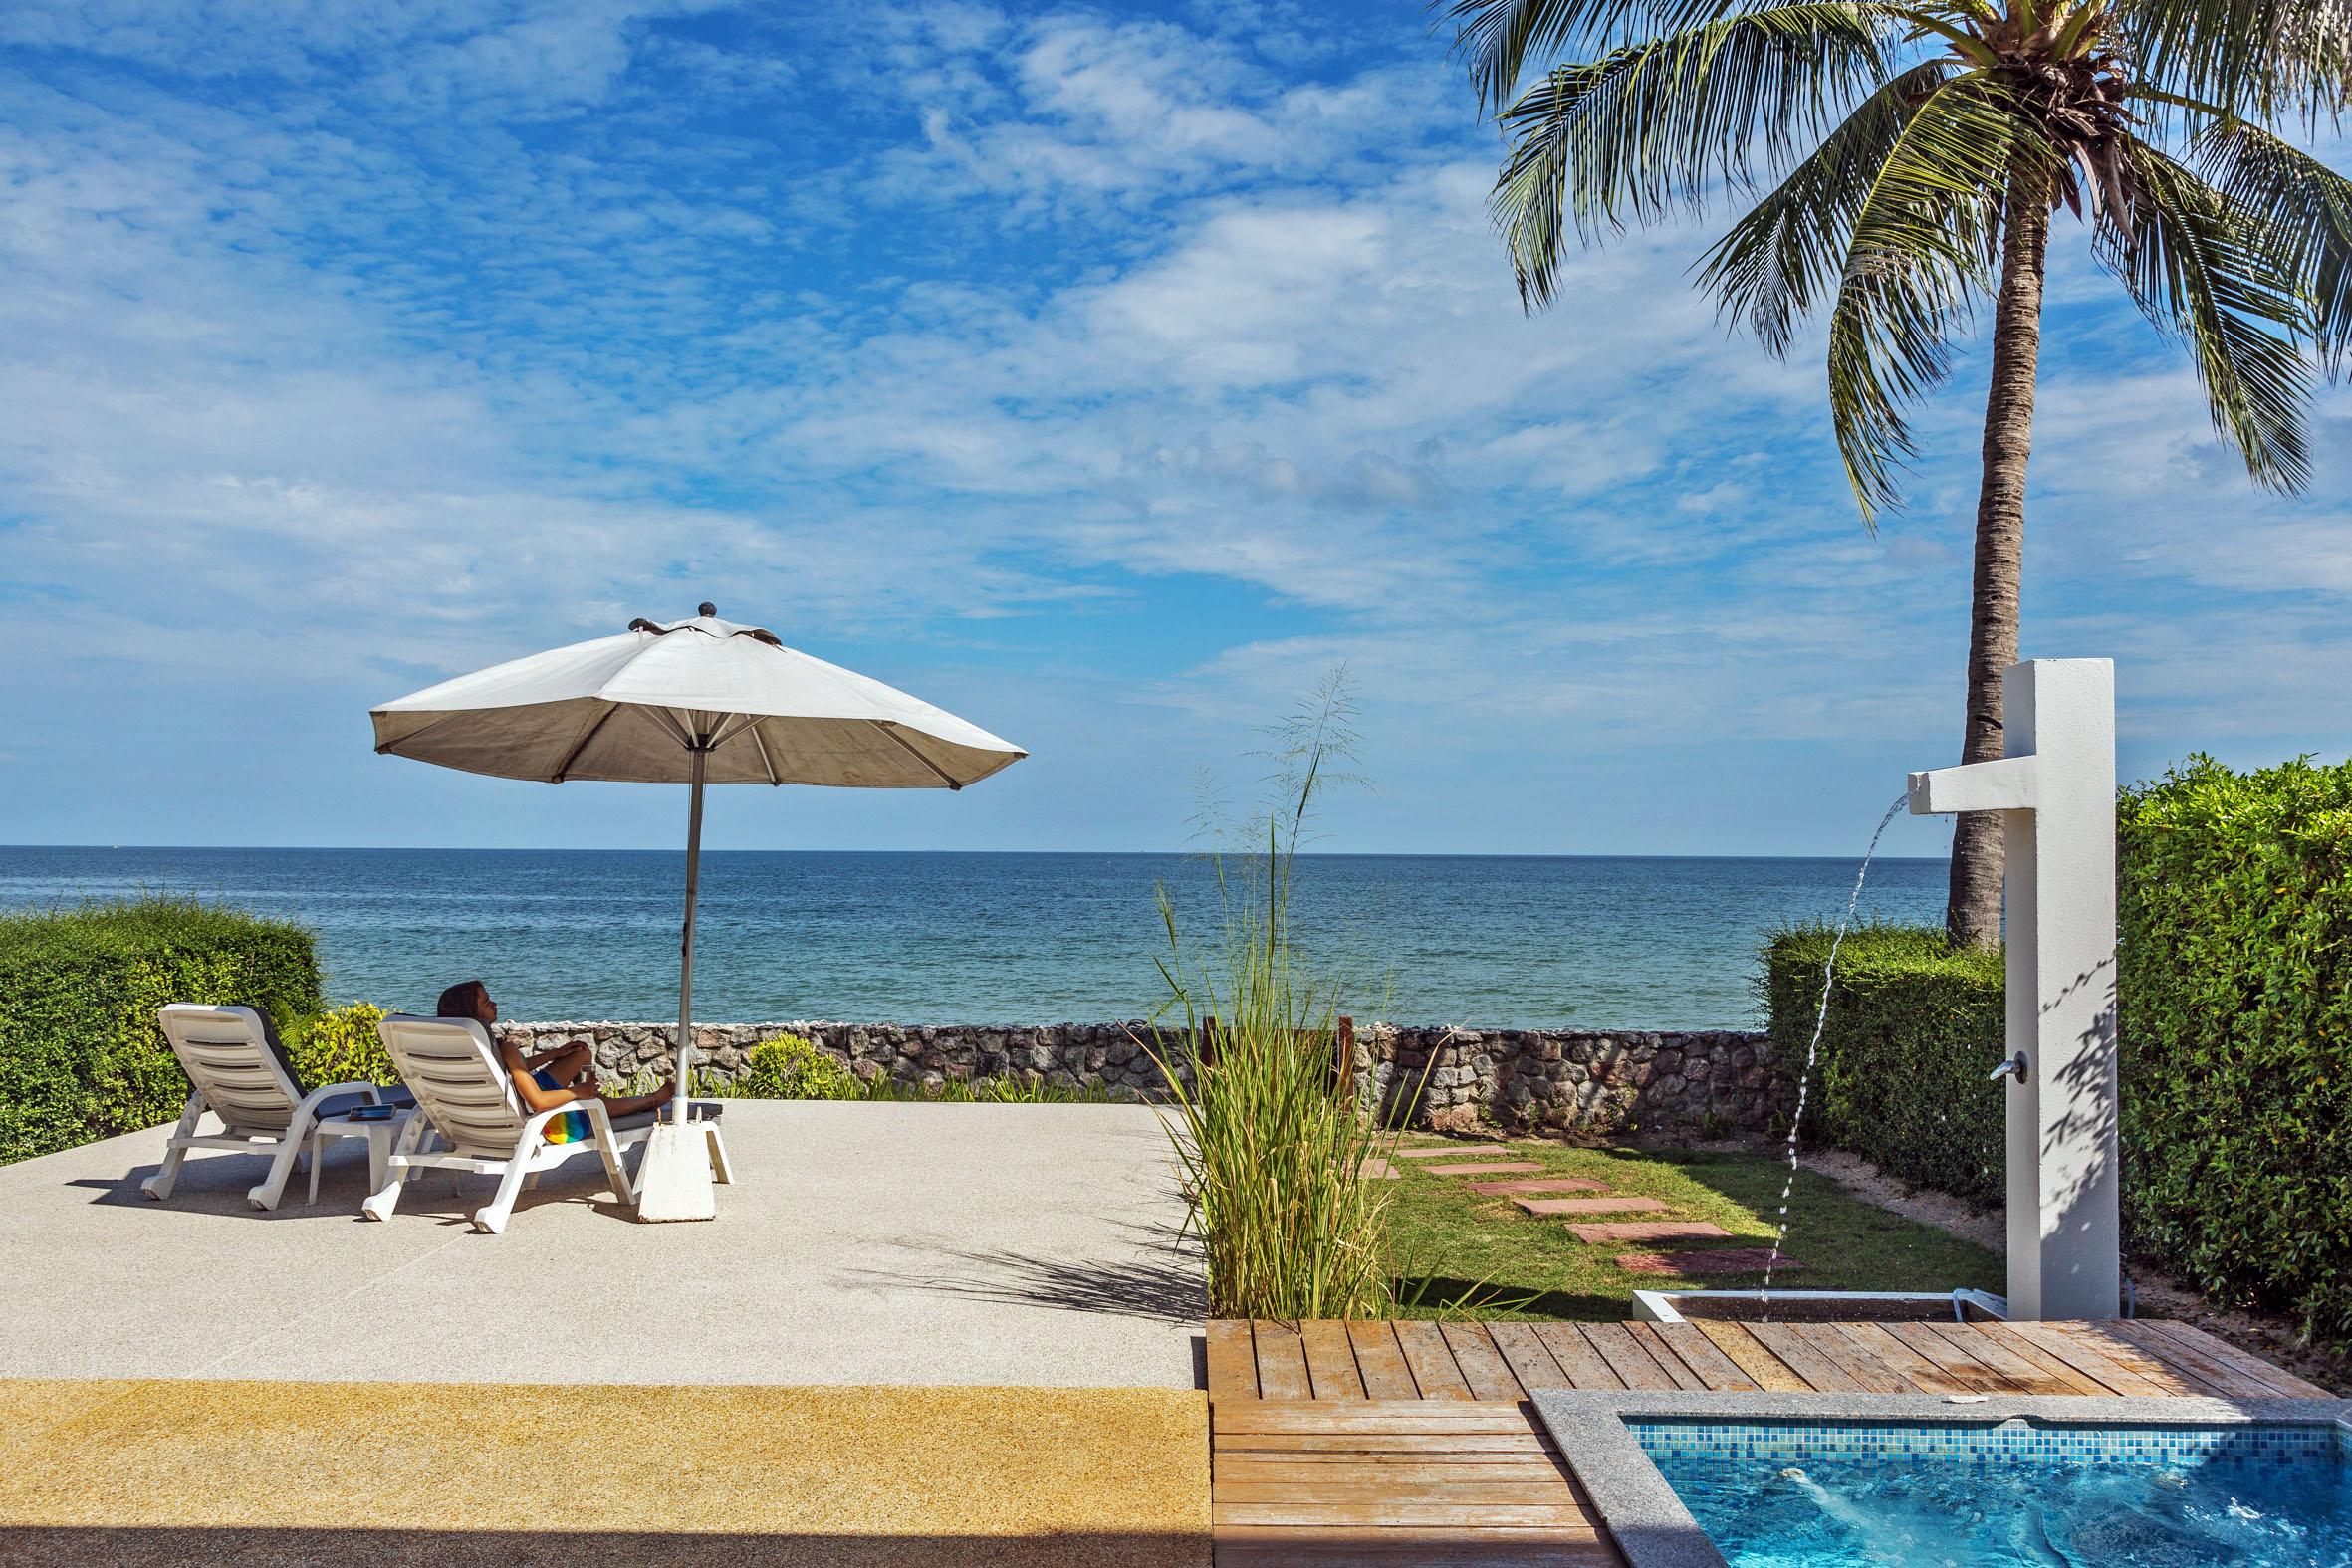 Uteplatsen från strandhuset mot havet